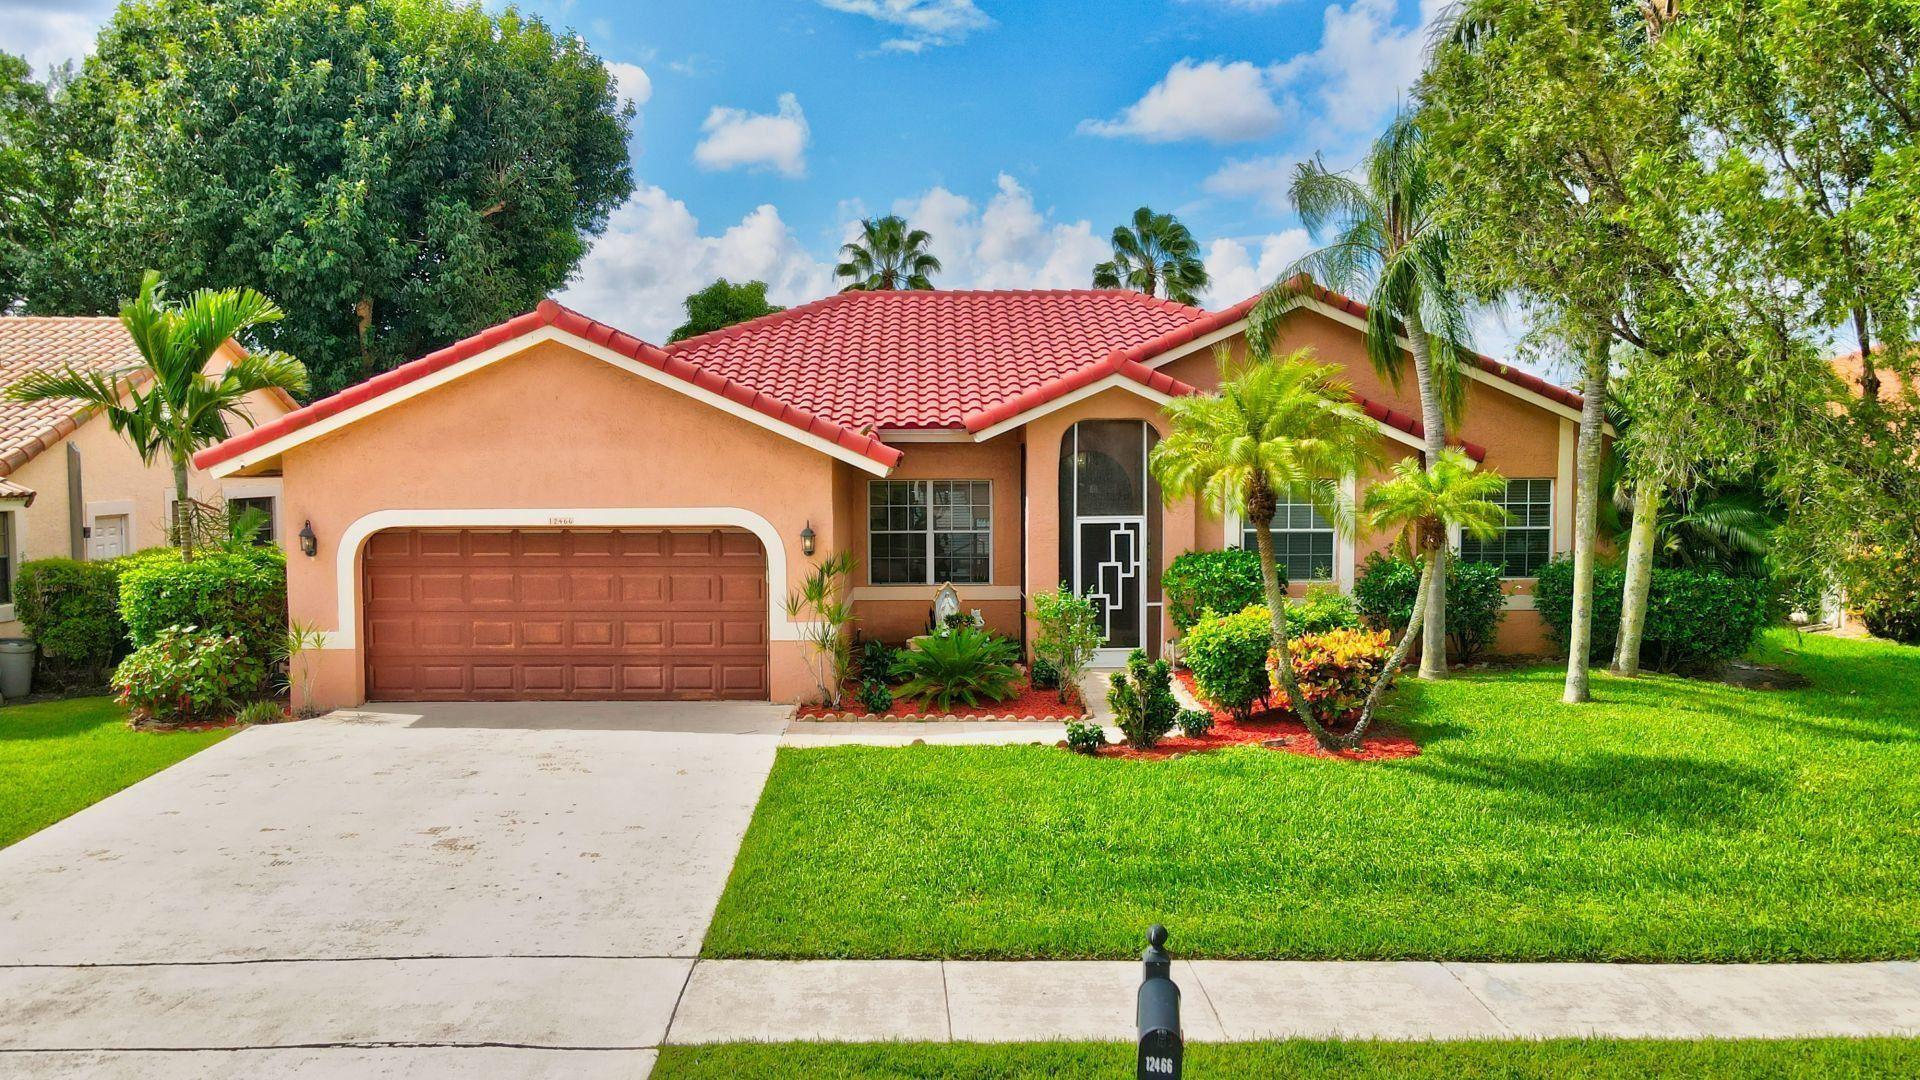 12466 Baywind Court, Boca Raton, FL 33428 - #: RX-10663800